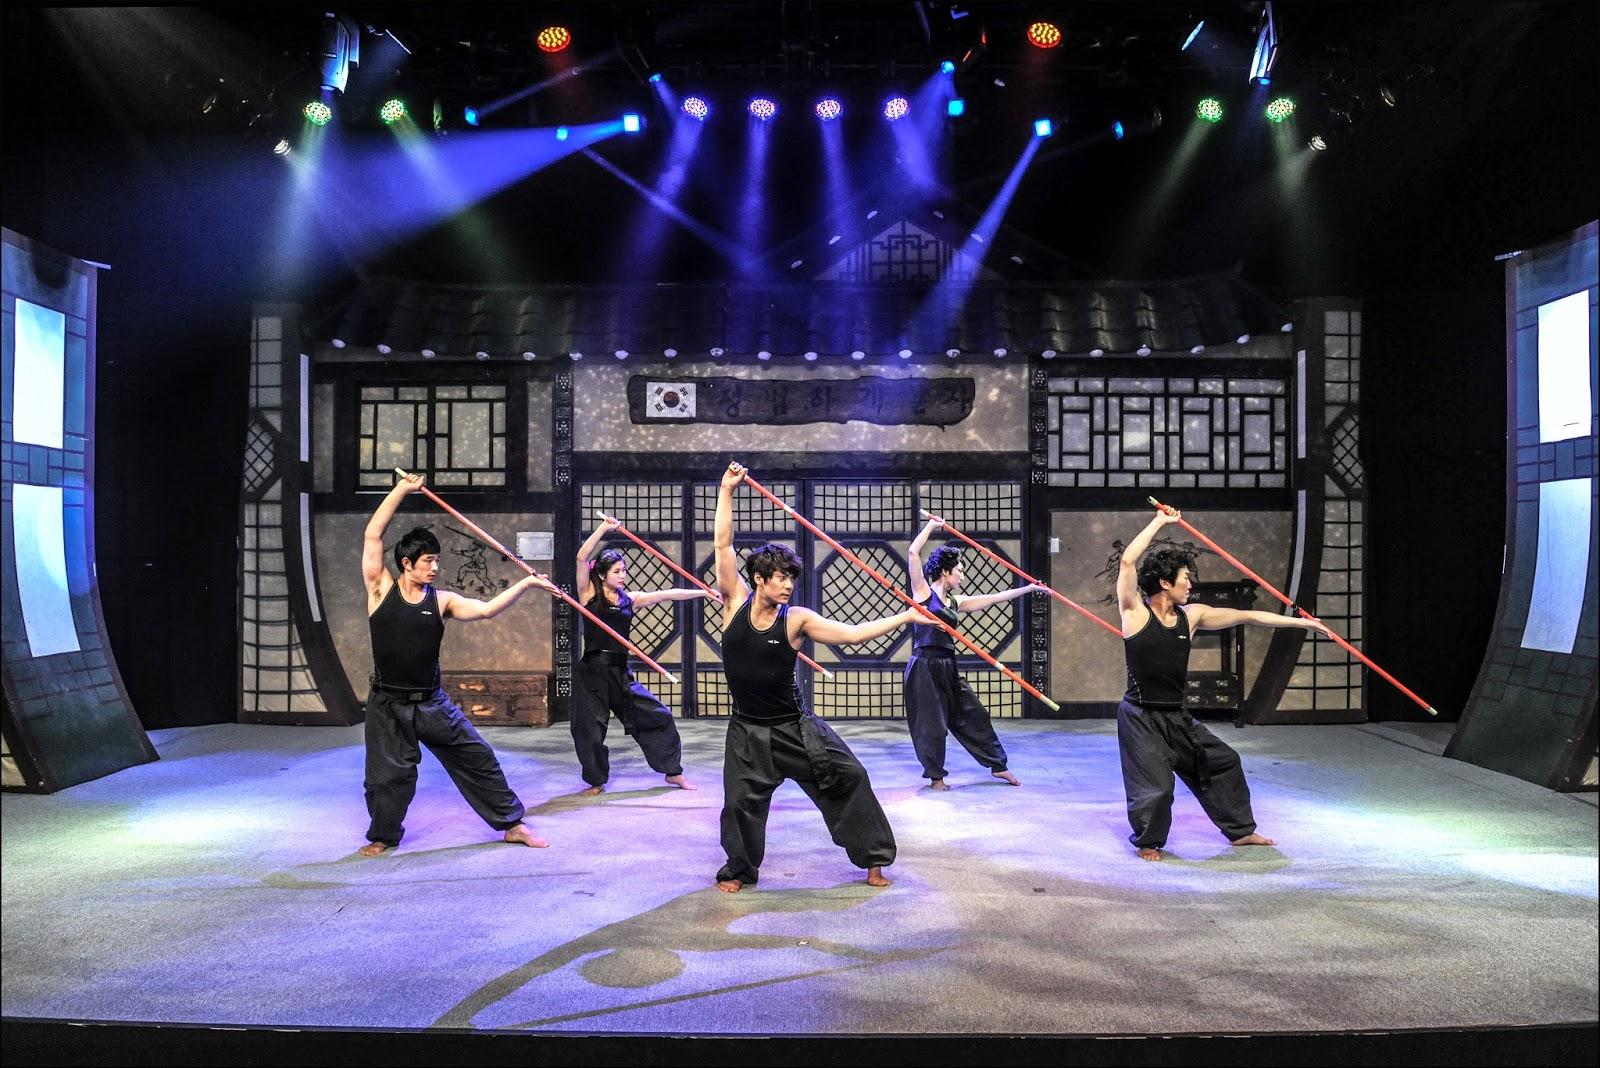 JUMP show Seoul South Korea comedy martial art show